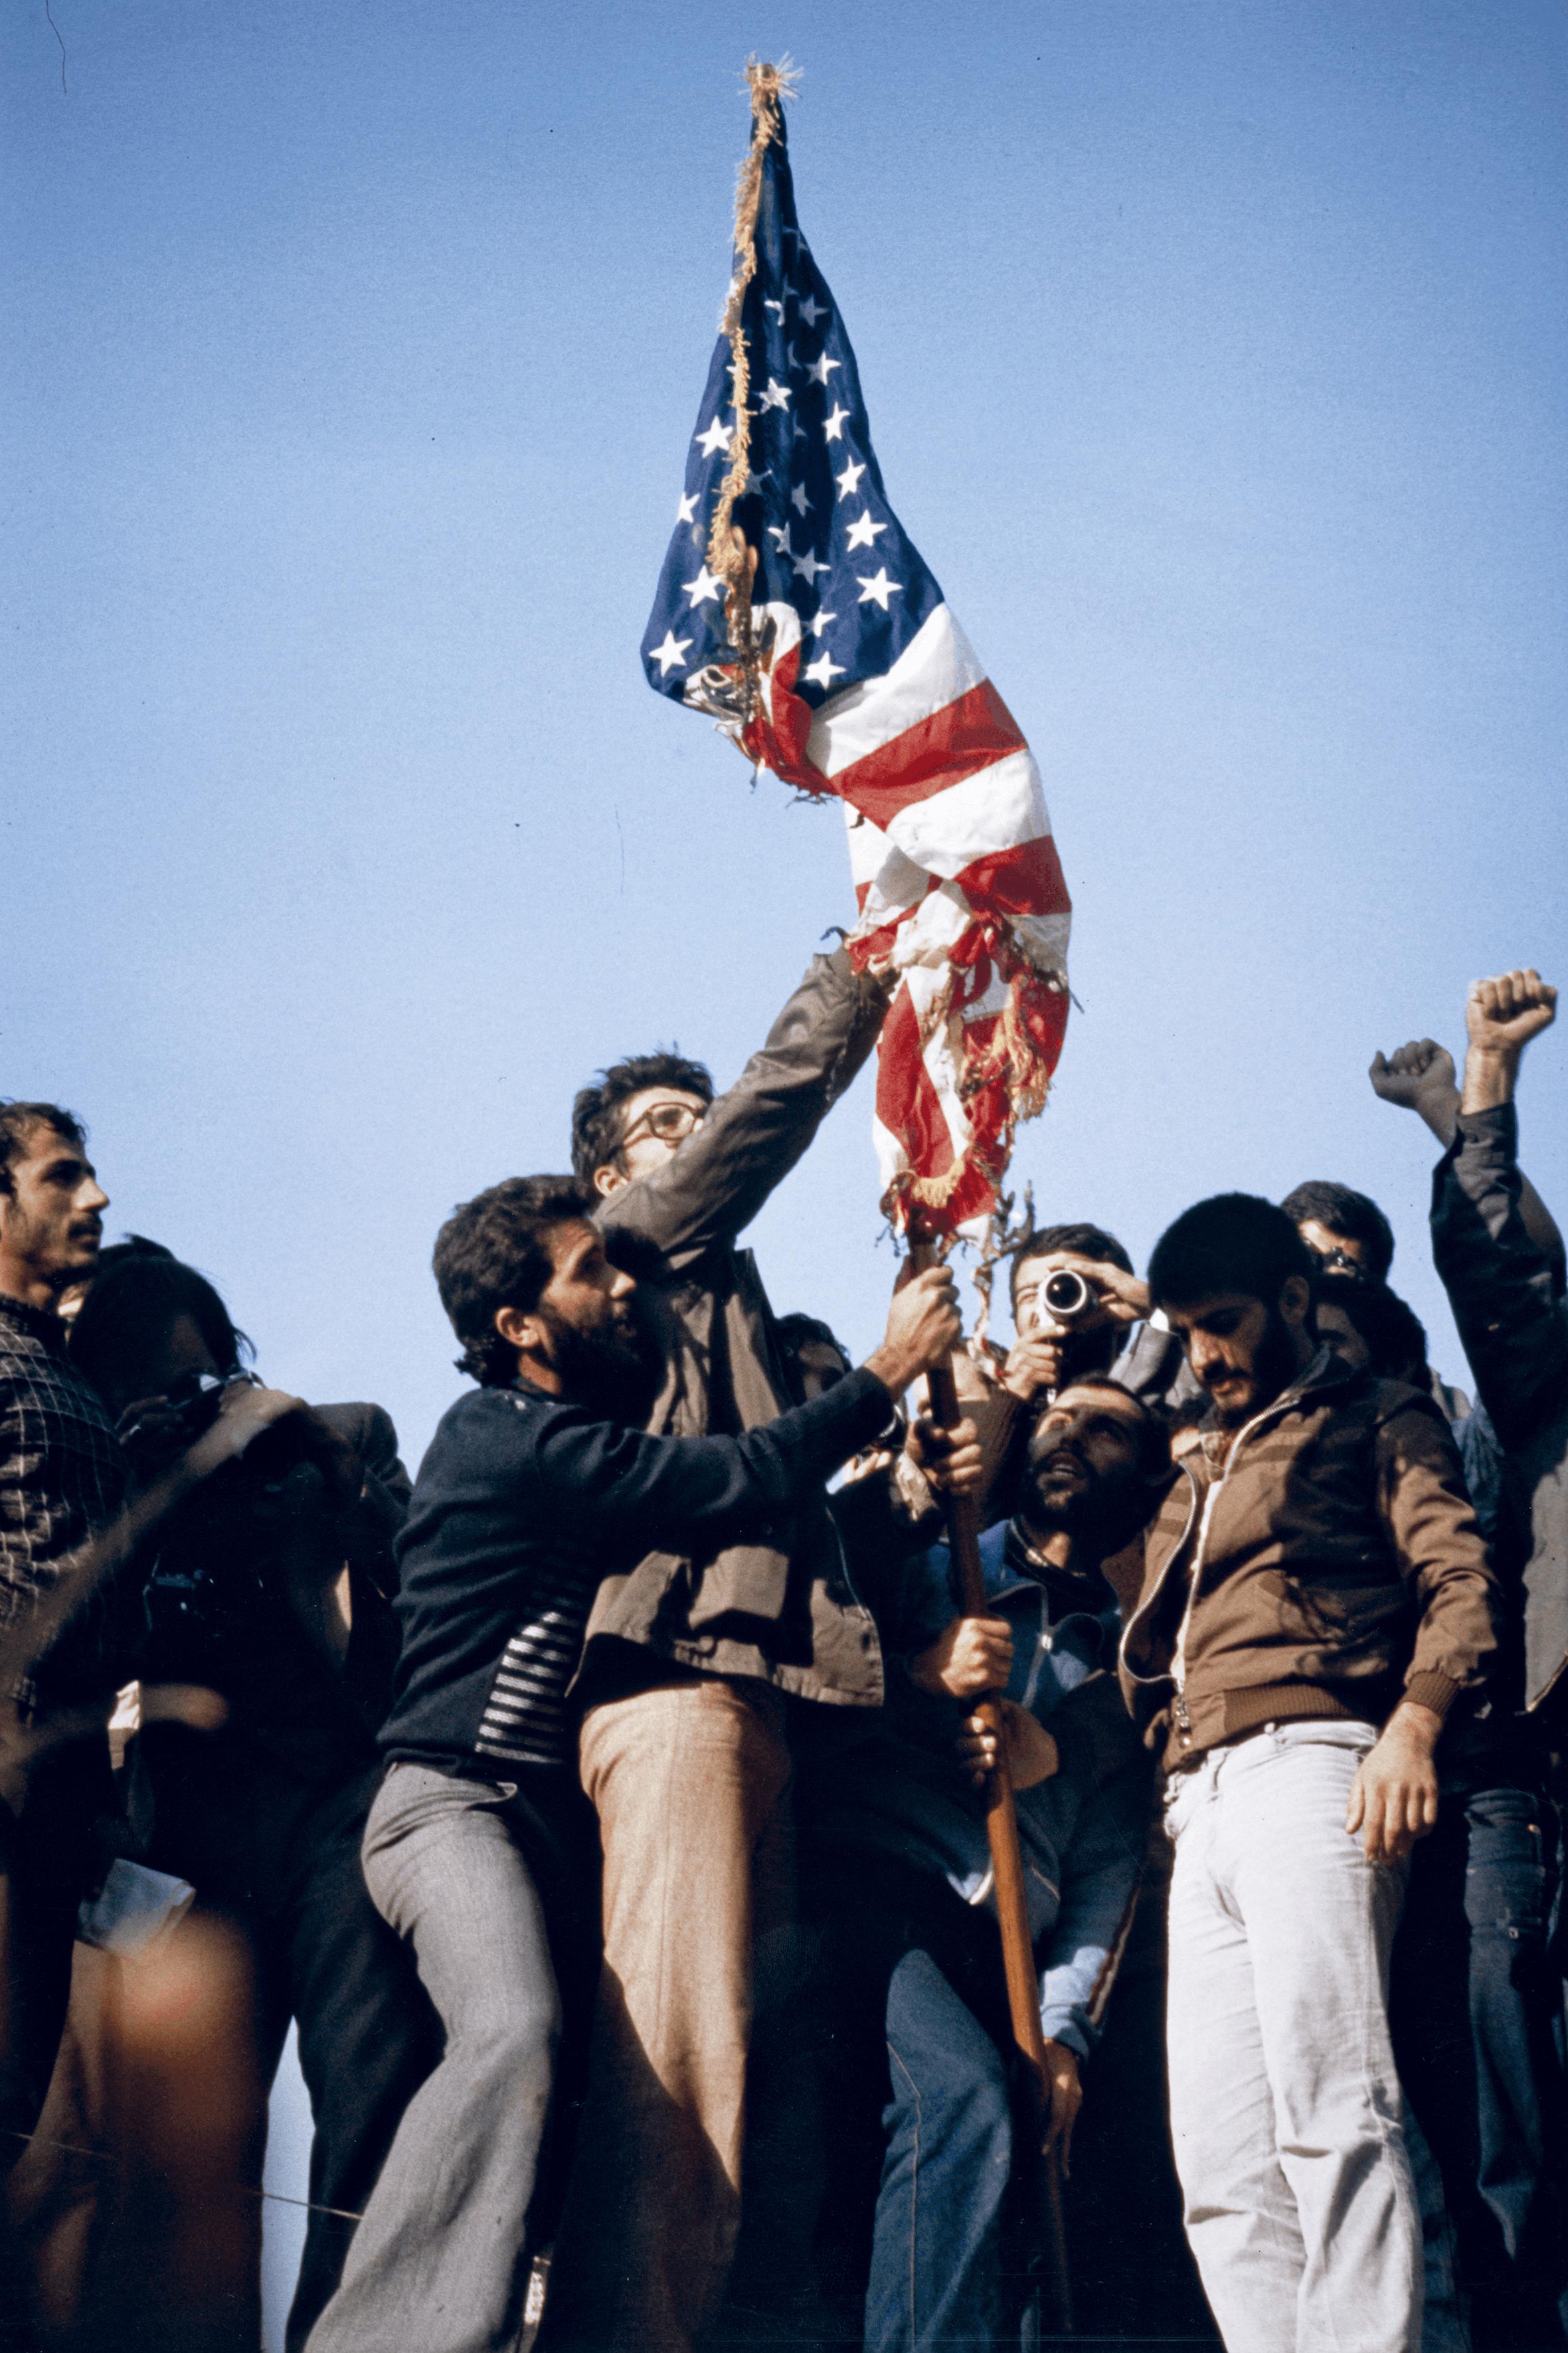 Philippe Ledru, Iraniens brûlant le drapeau américain à Téhéran, 8 novembre 1979, photographie.